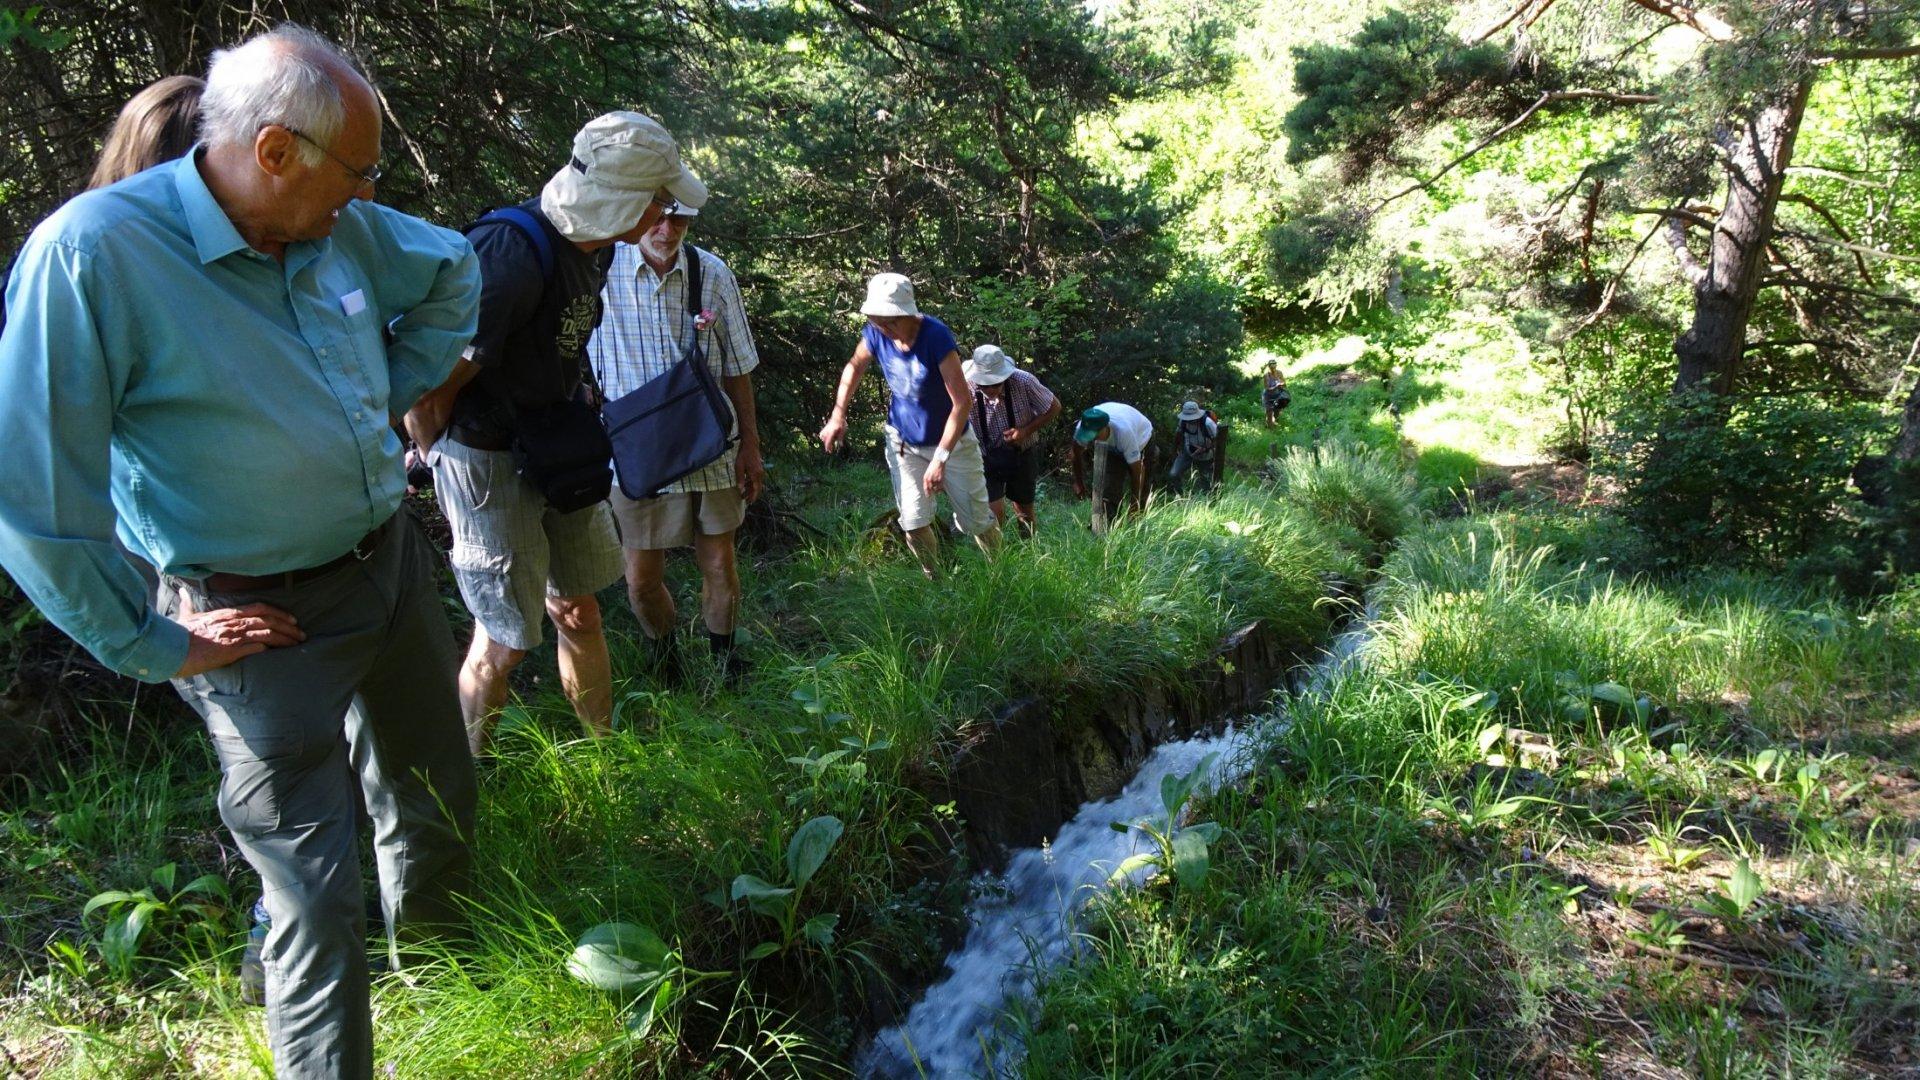 Une partie du groupe constatant que depuis 8 siècles l'ouvrage résiste à la force de l'eau.